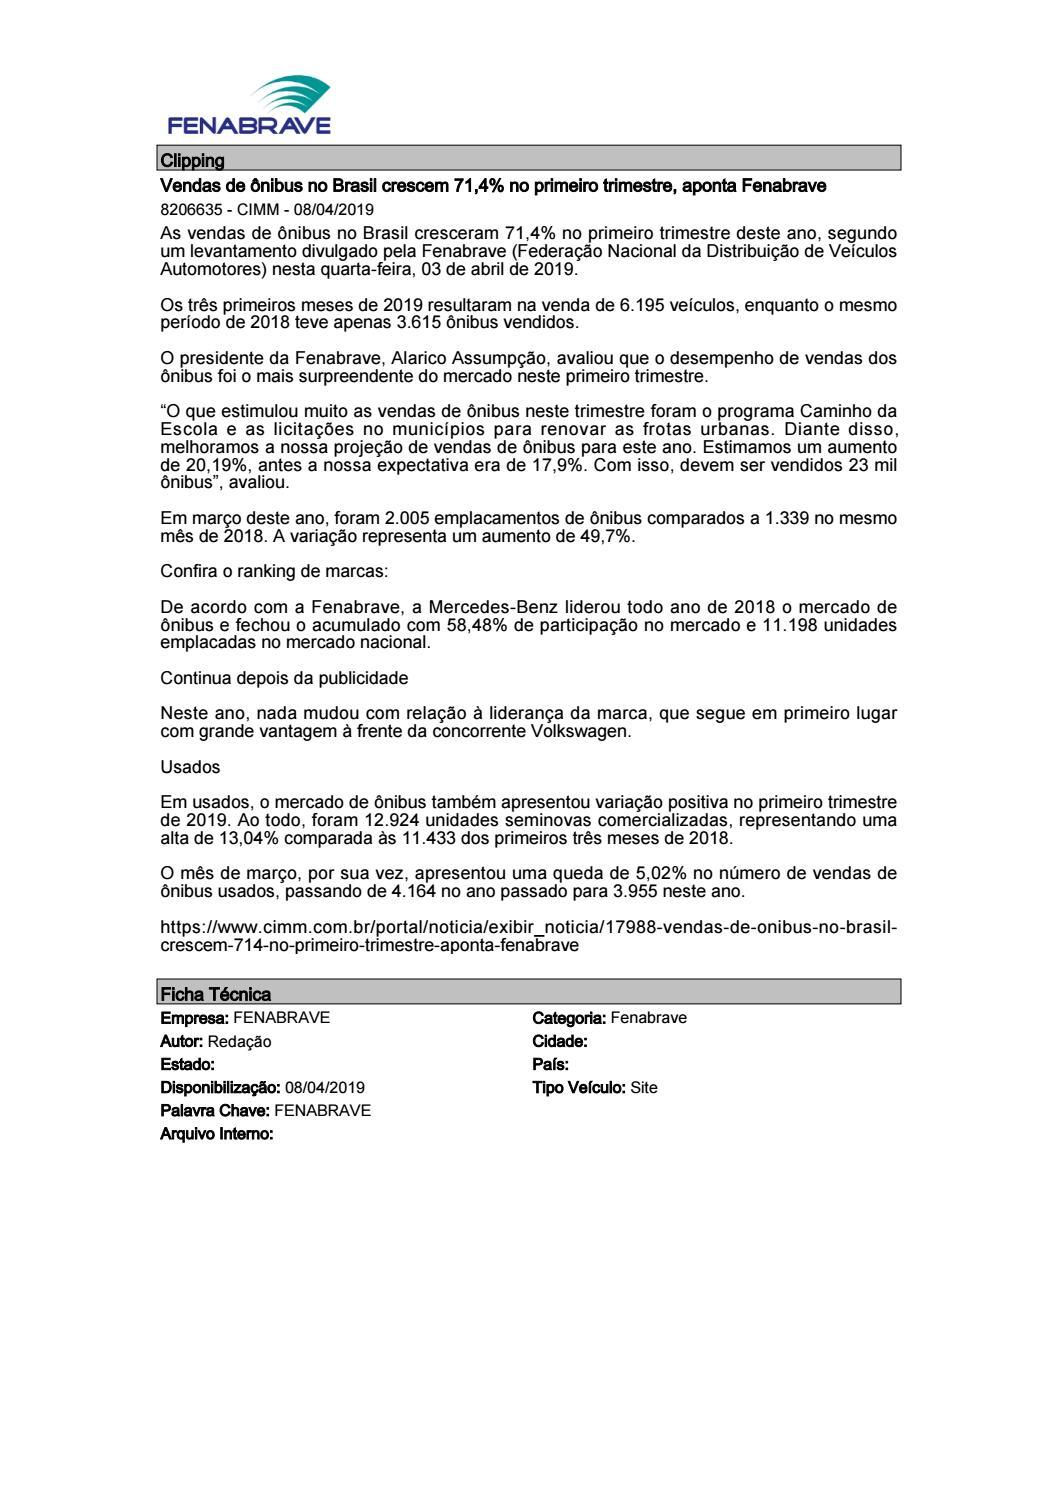 3cb176e8c13 Clipping Fenabrave - 08 04 2019 by MCE Comunicação - issuu